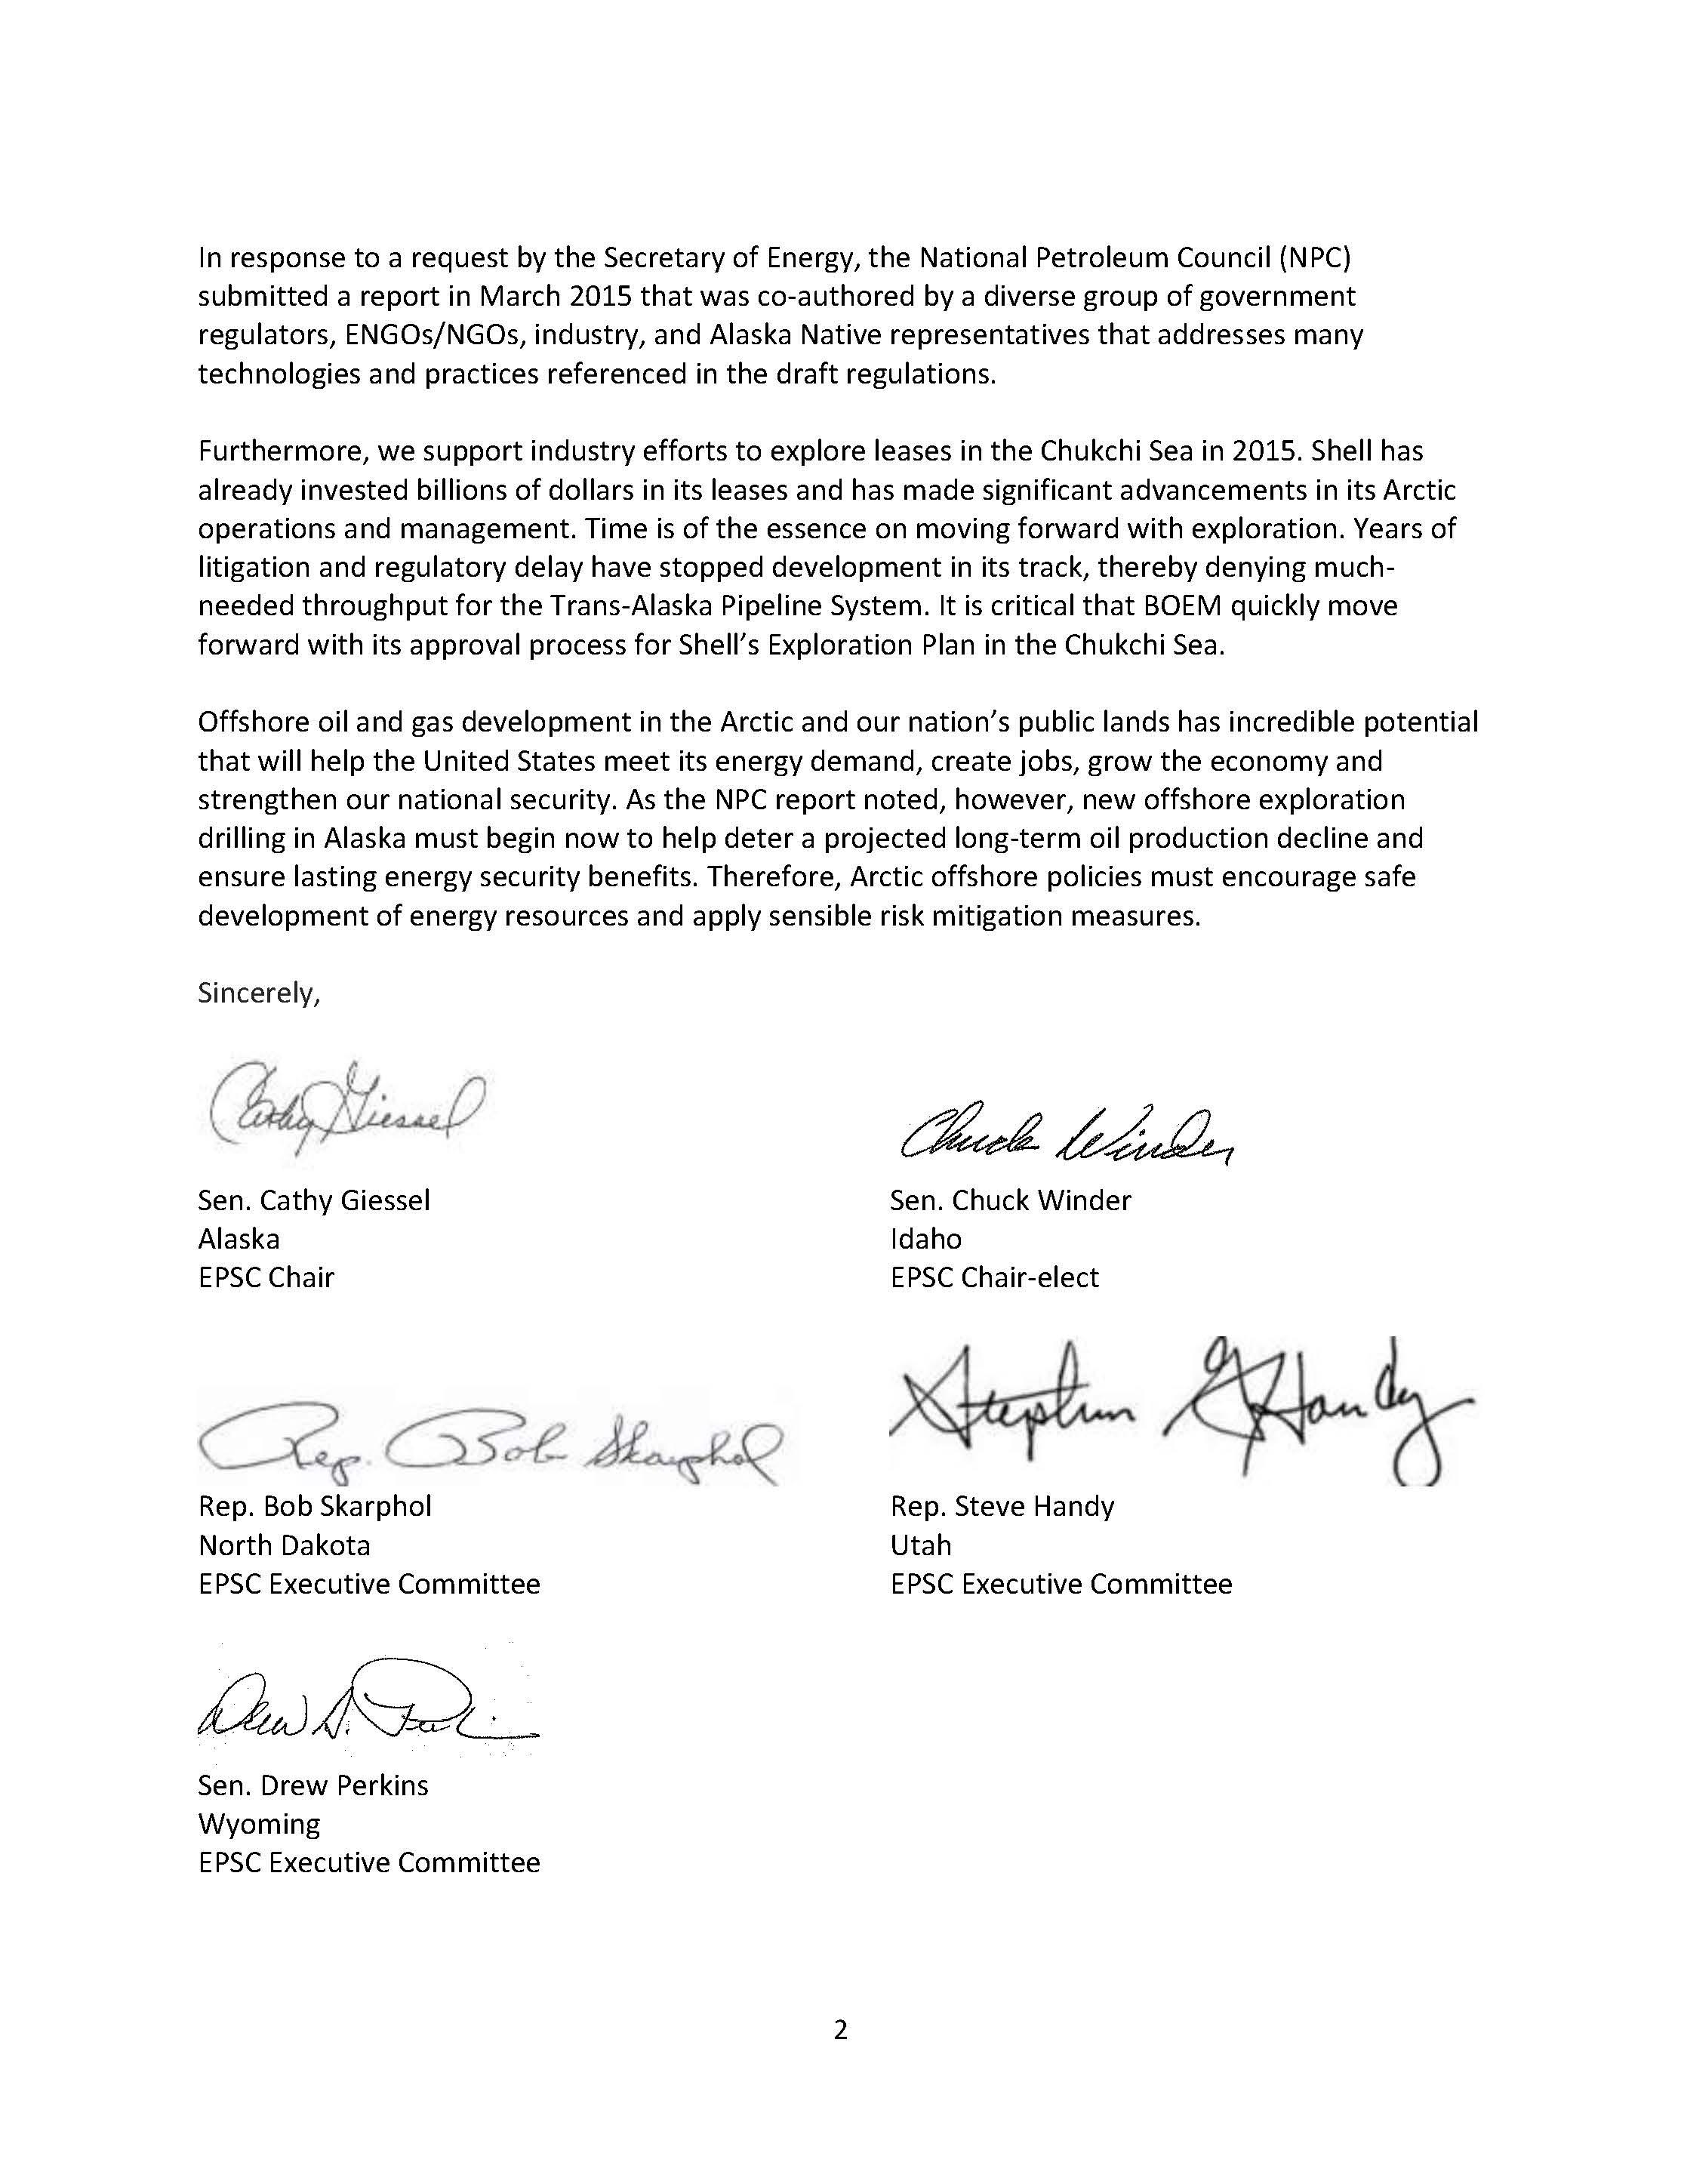 Final EPSC Arctic Regs Letter_Page_2